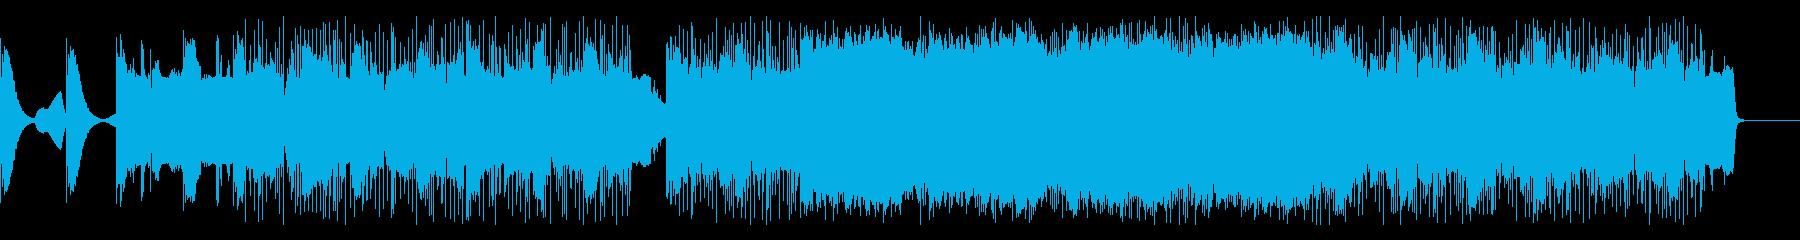 不思議な世界の日常-リズム入りの再生済みの波形